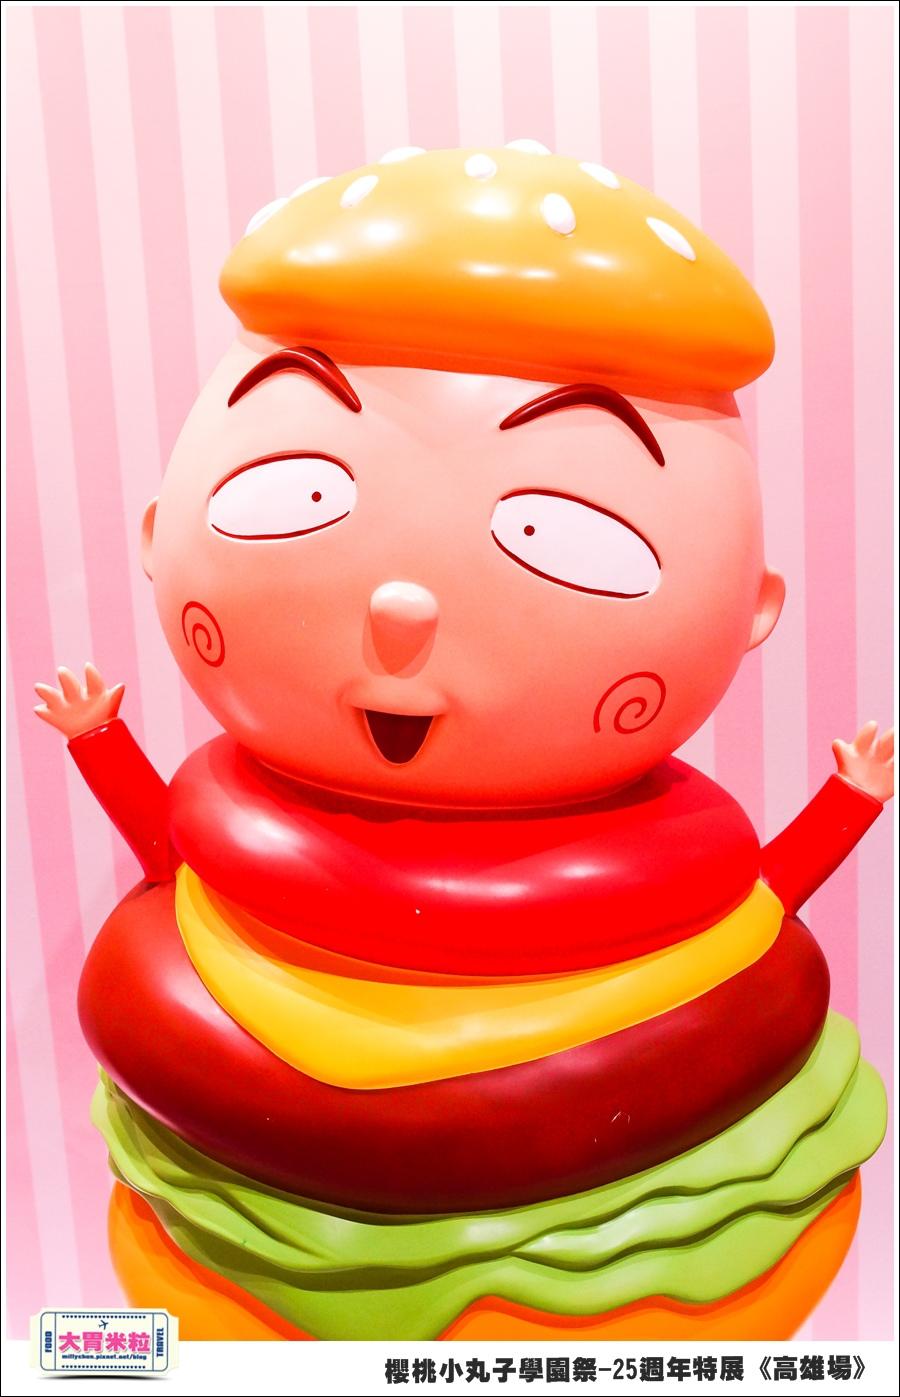 櫻桃小丸子學園祭-25週年特展(高雄場)@大胃米粒0125.jpg